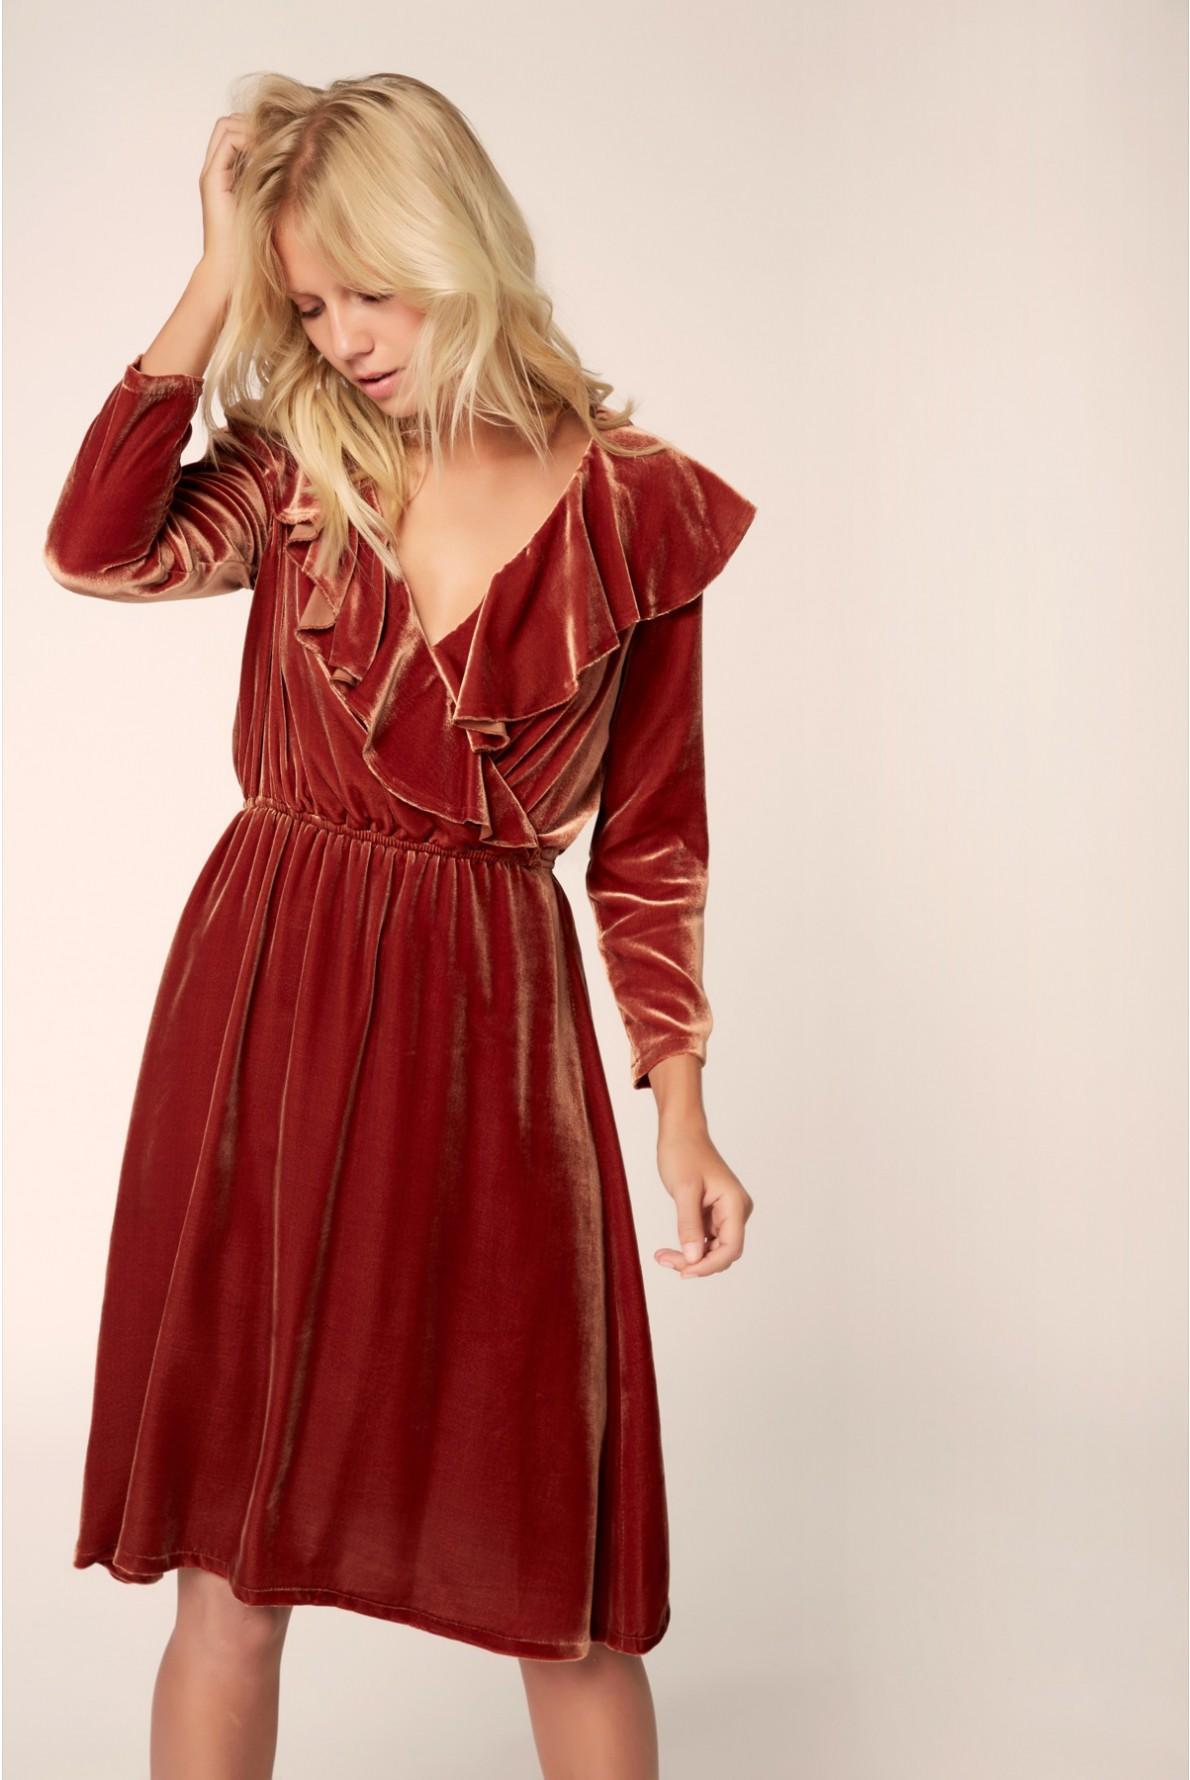 Robe pour invit e mariage fashion designs for Comment s habiller pour un mariage d automne